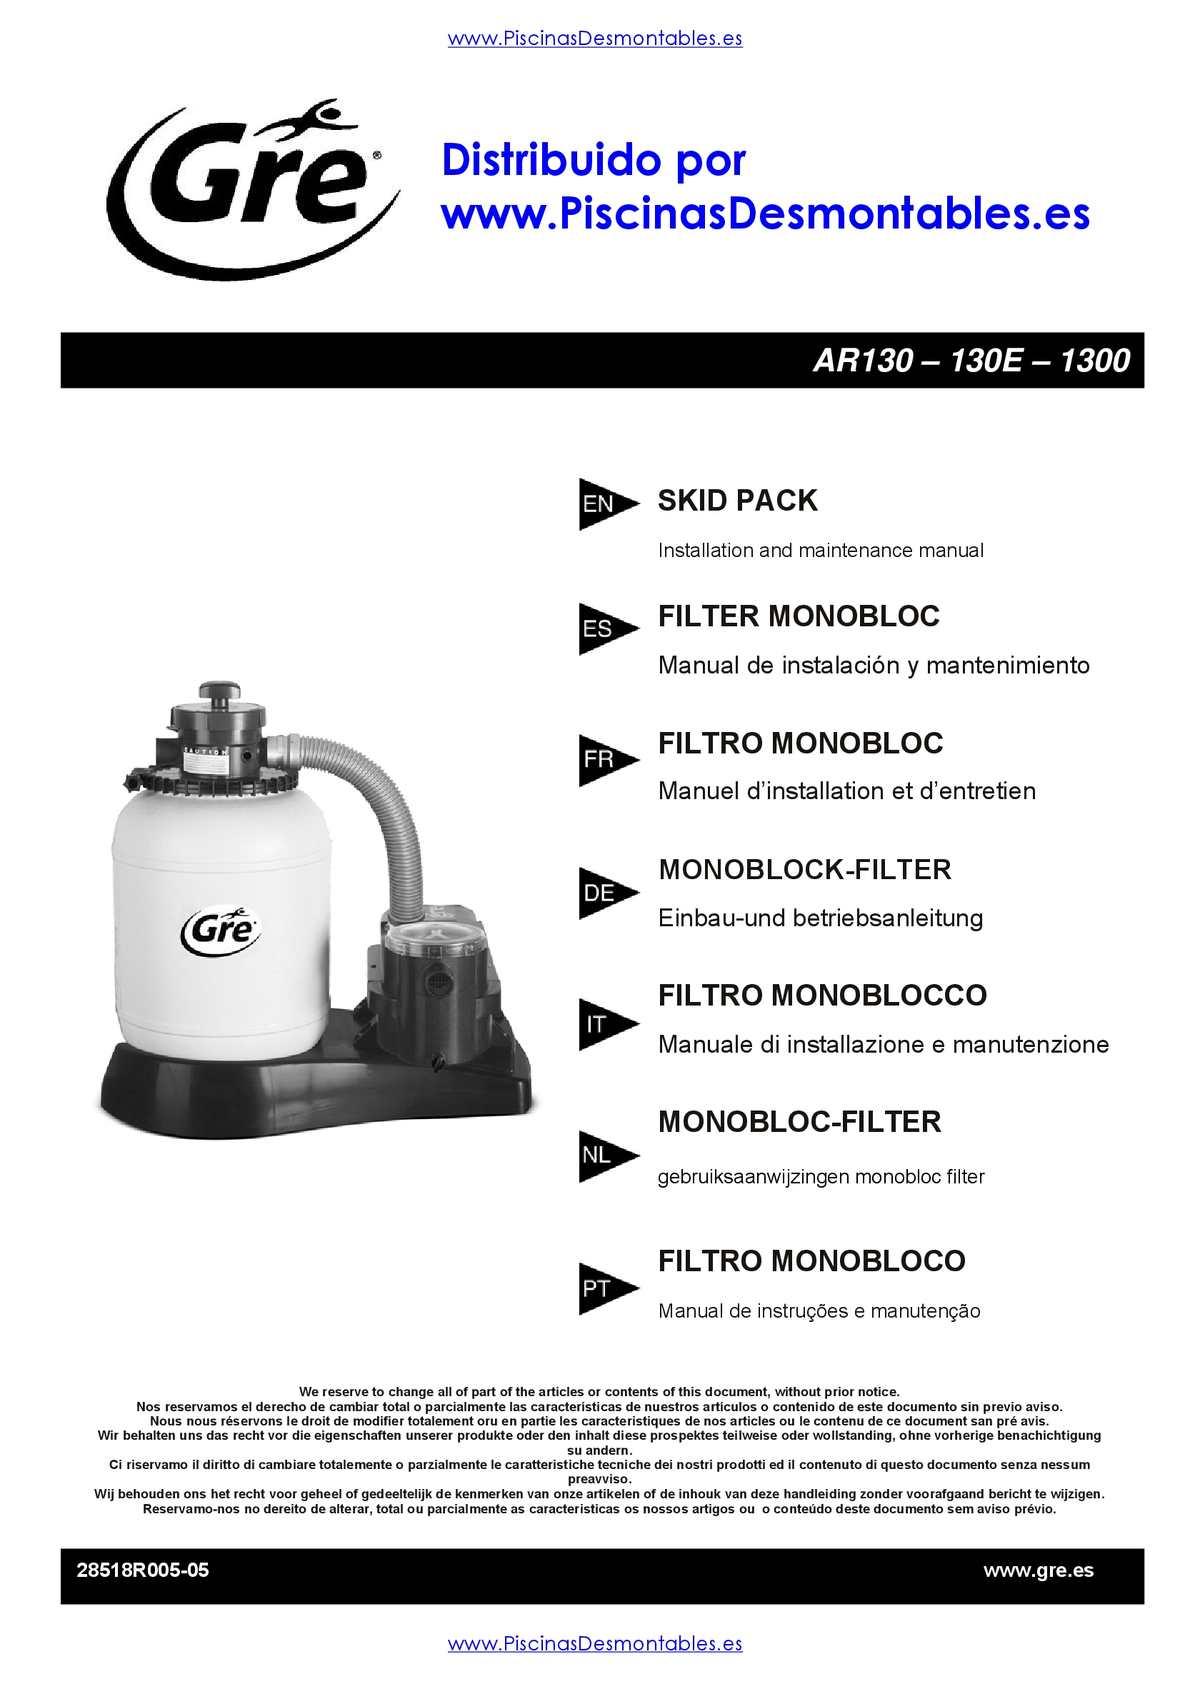 Manual de Instrucciones Depuradoras Gre AR130 - 130E - 1300